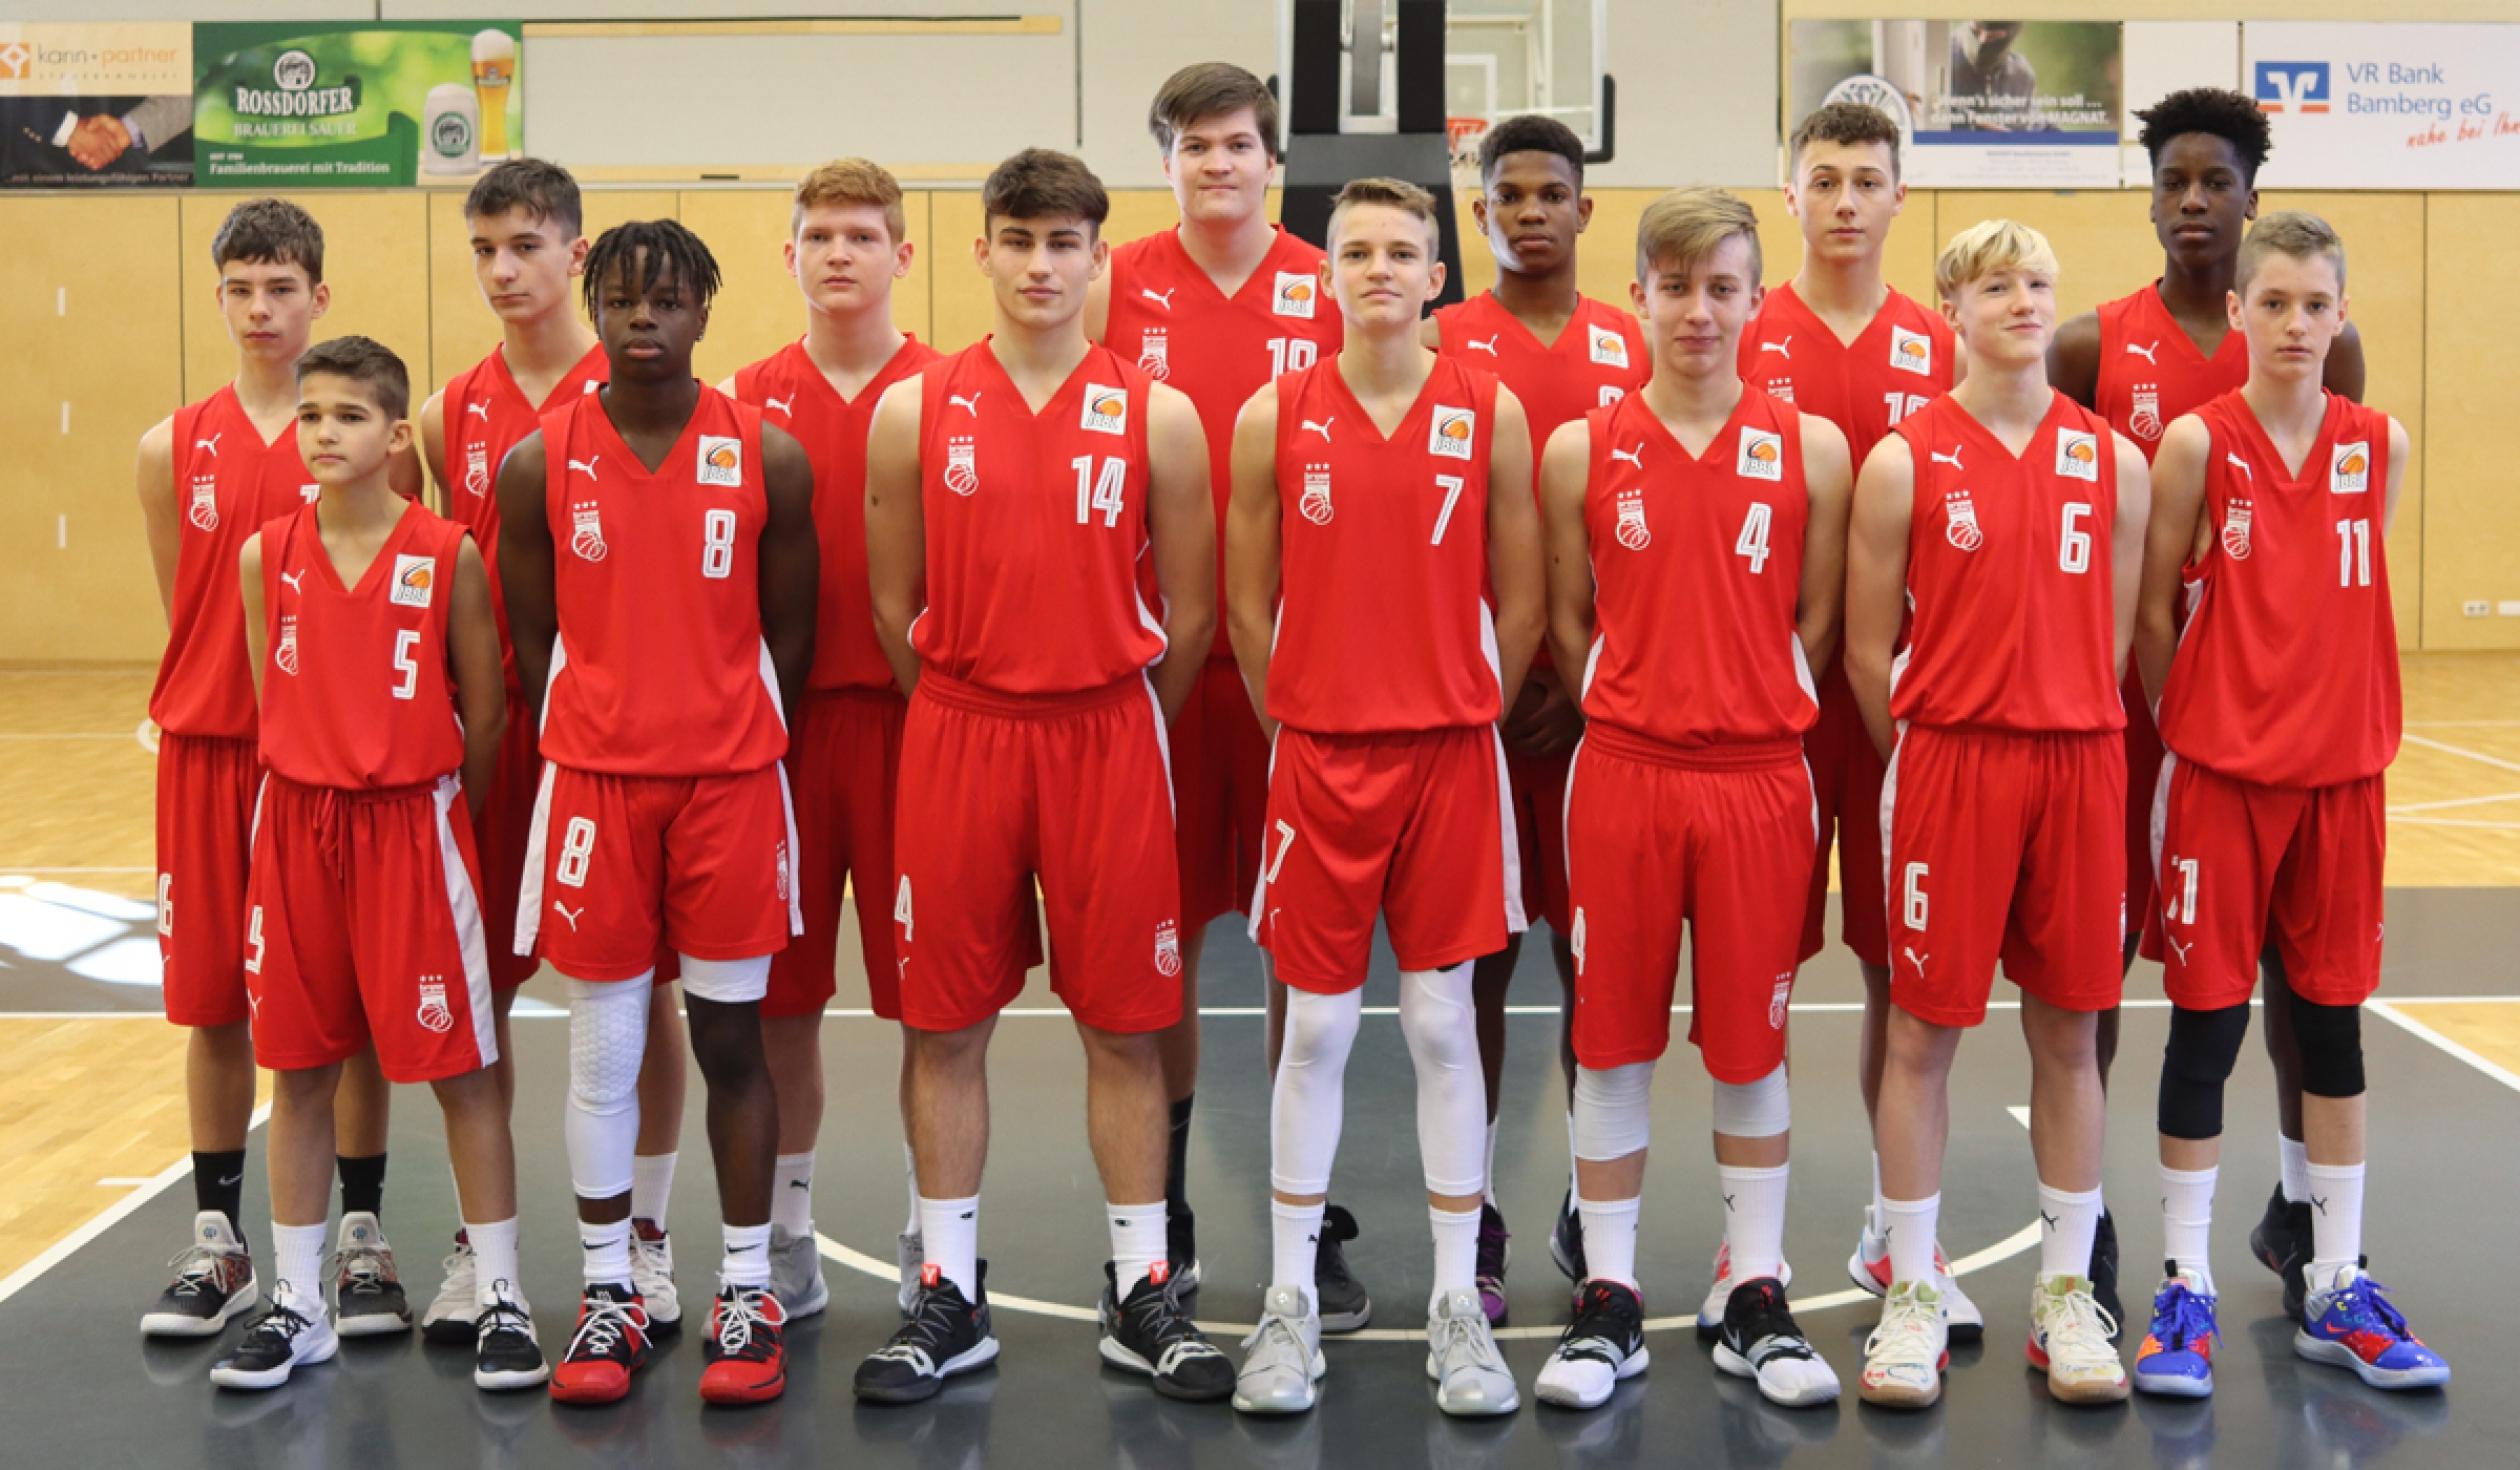 Mannschaftsfoto Brose Bamberg / Regnitztal Baskets